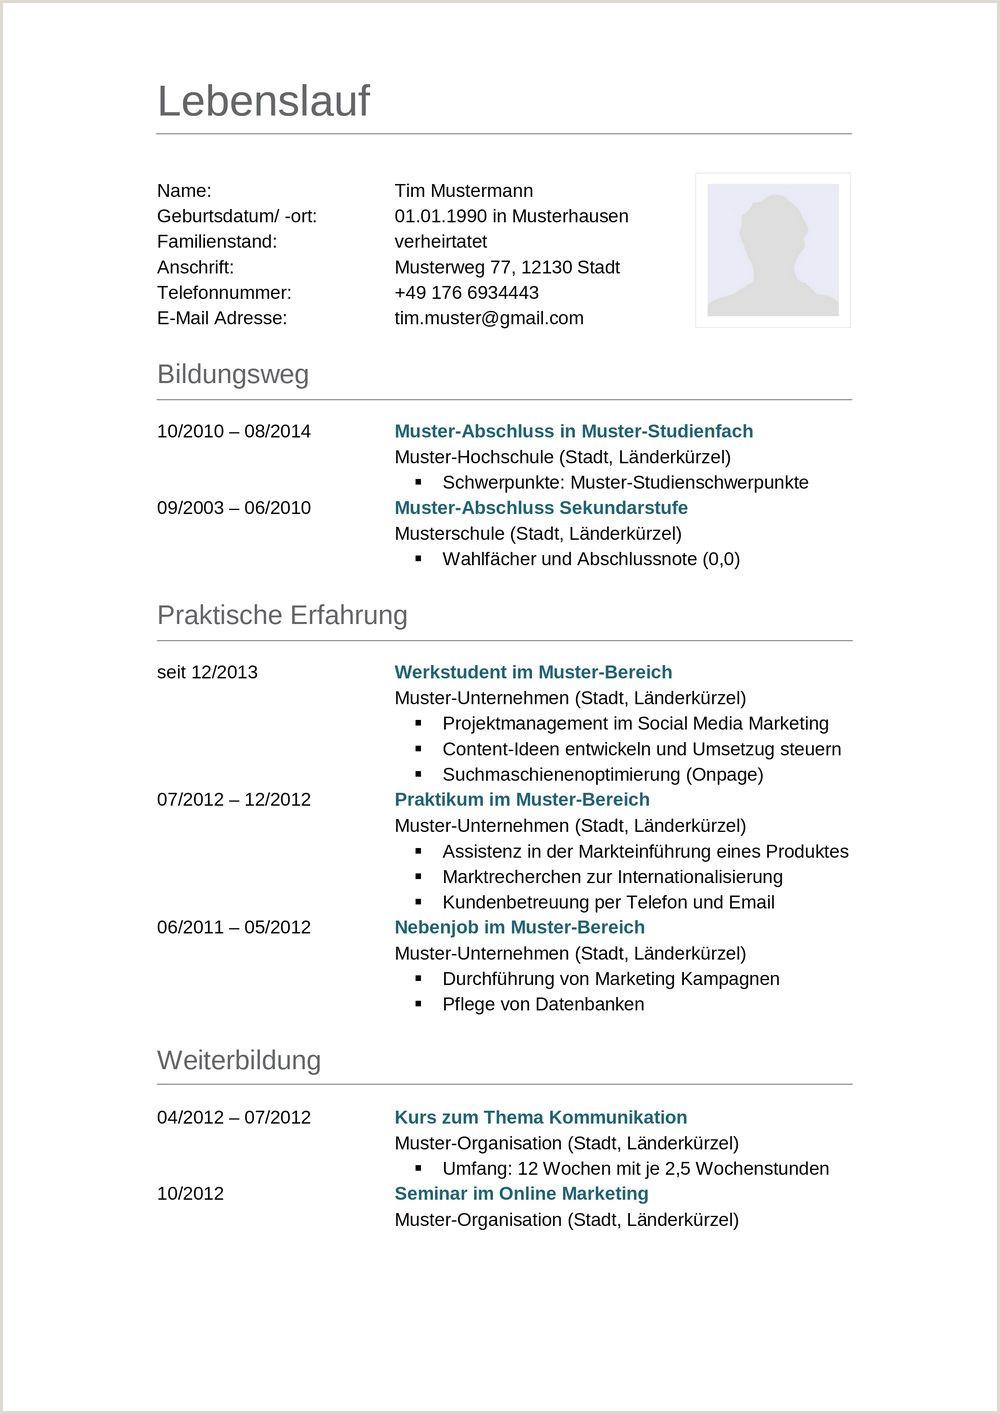 Tabellarischer Lebenslauf Schüler Vorlage Pdf 1 Mahnung Muster 2019 01